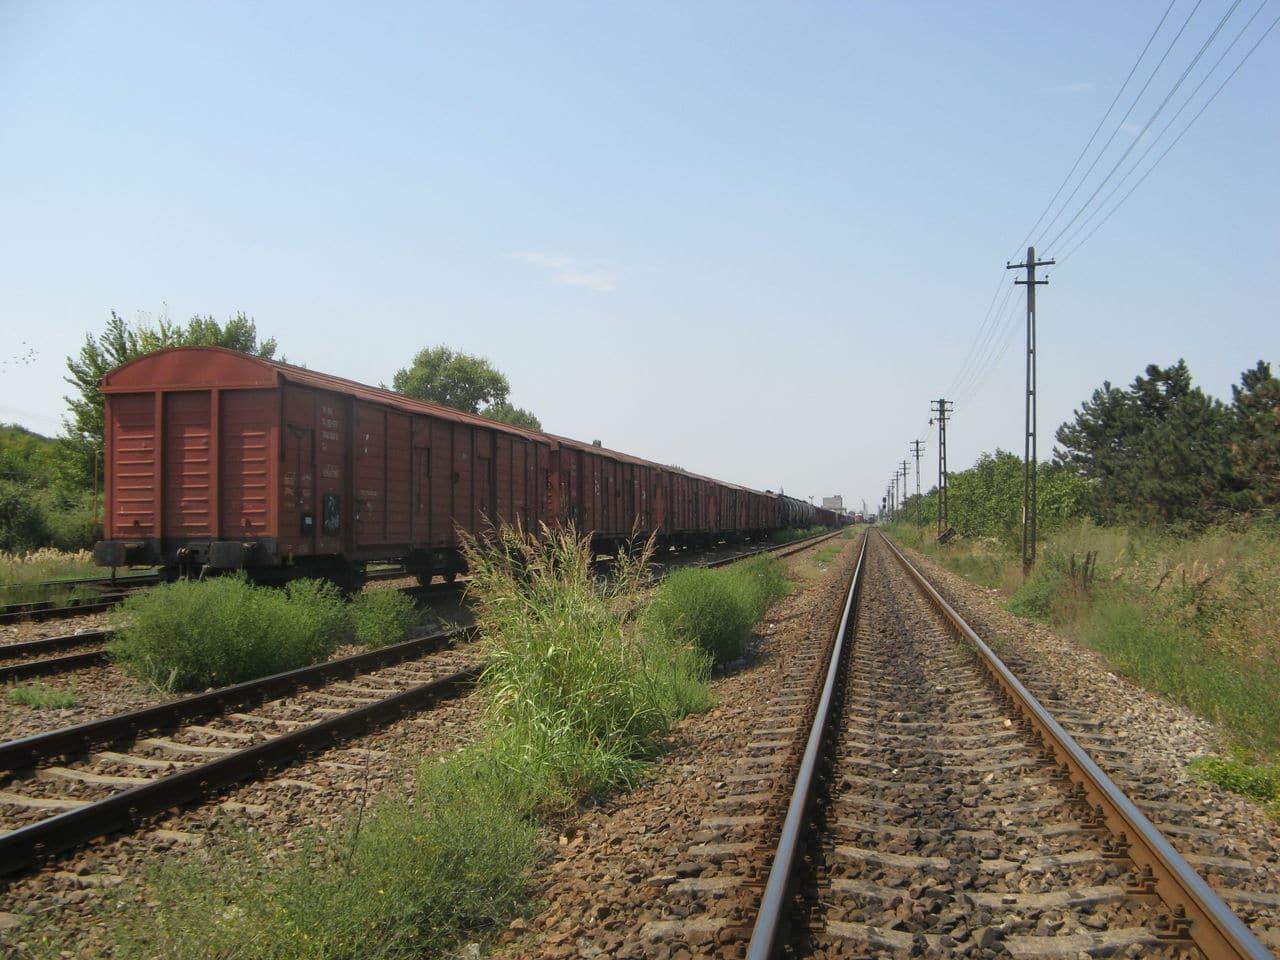 Calea ferată directă Oradea Vest - Episcopia Bihor IMG_0074